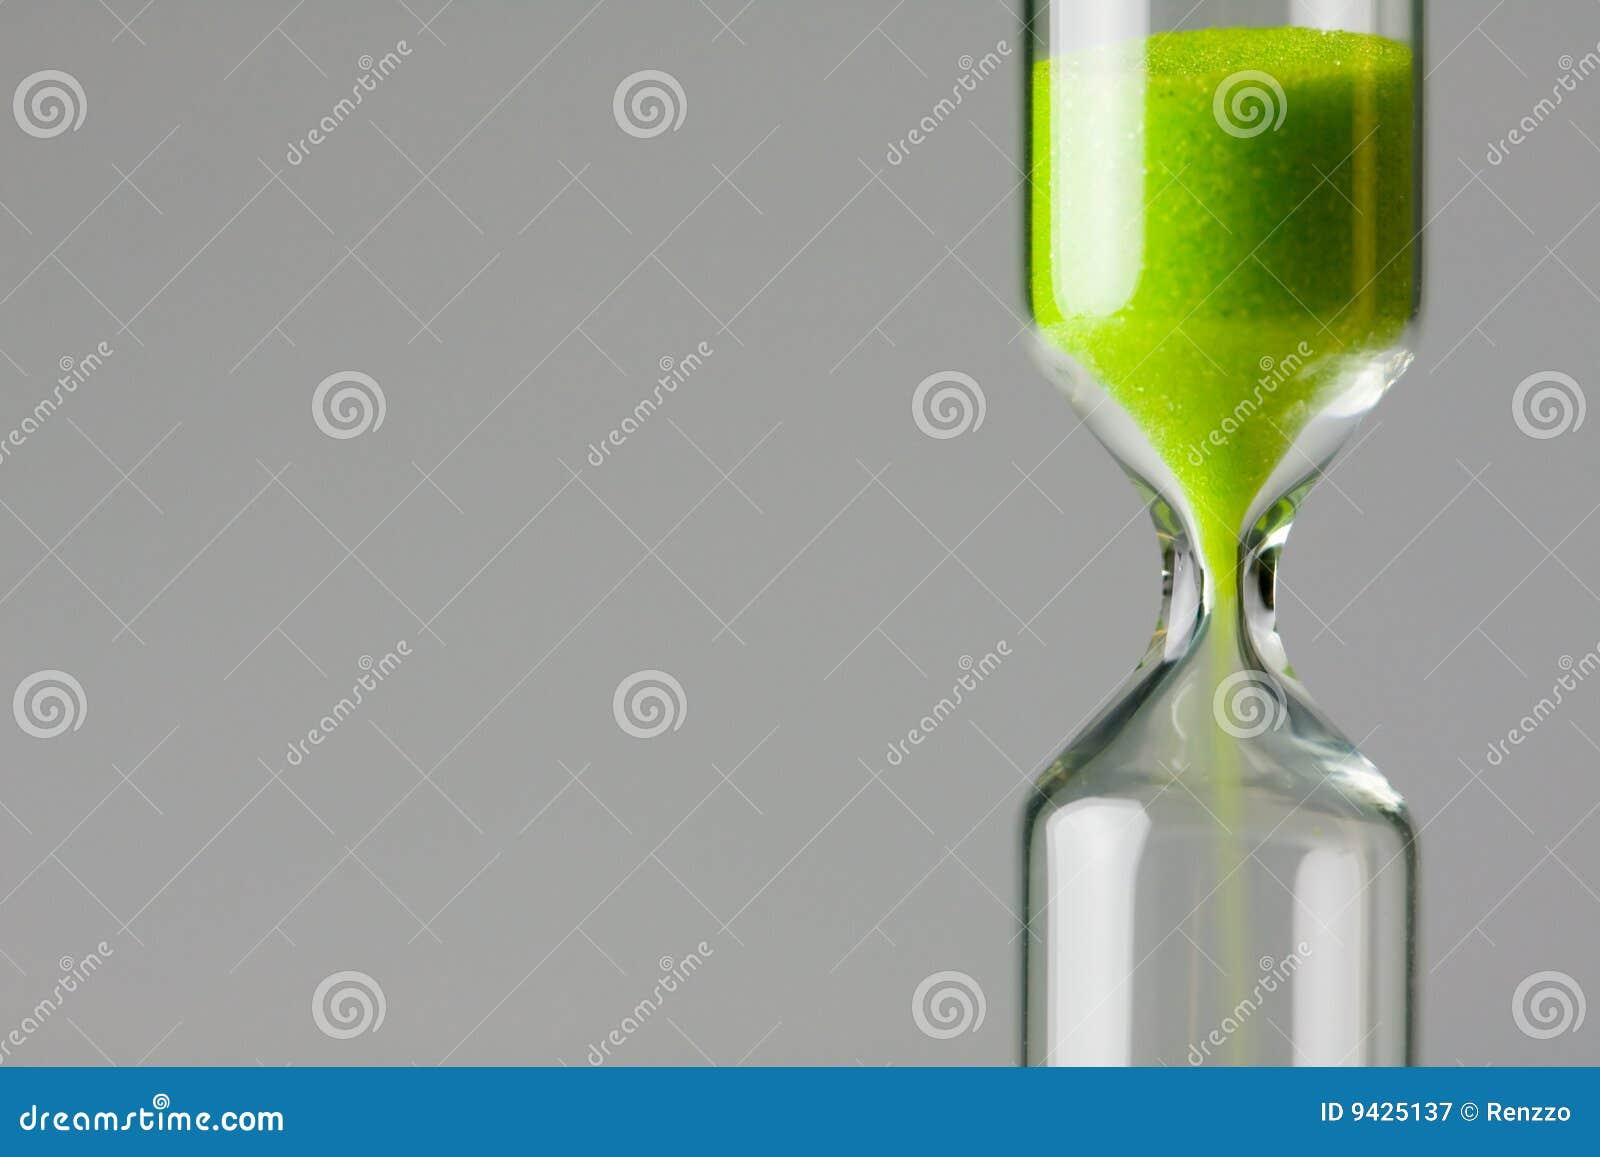 Verde de diminuição. Areia verde do vidro da hora